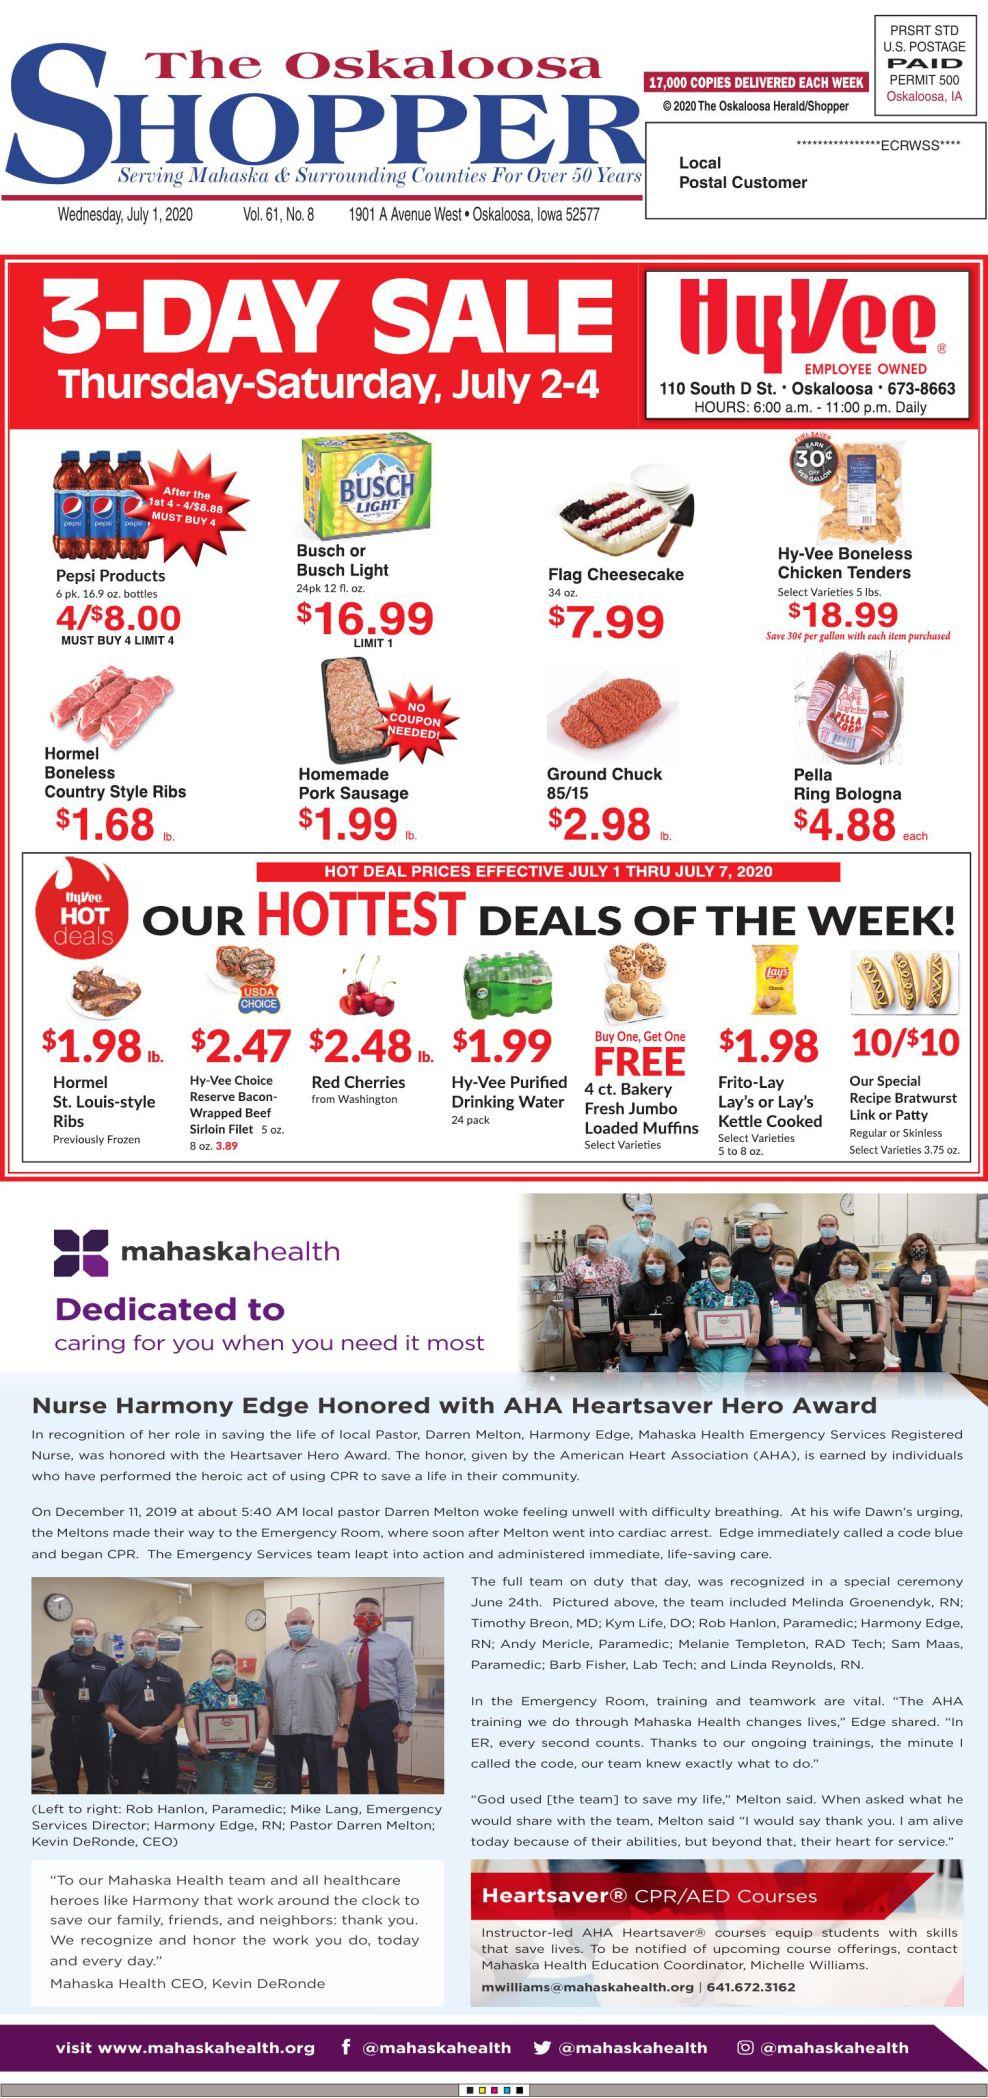 Oskaloosa Shopper week of 7-1-20